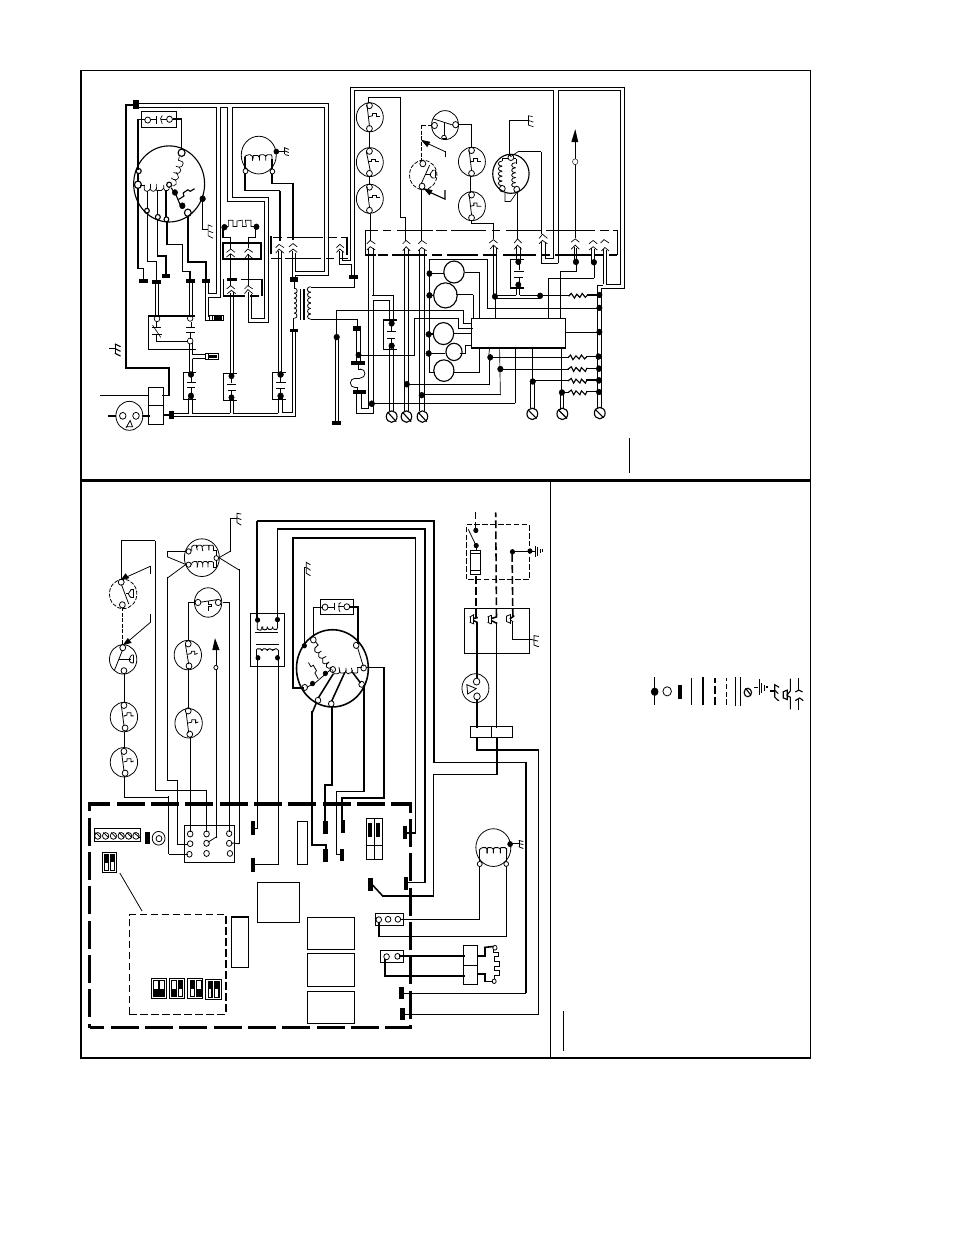 hight resolution of 12 unit wiring diagram hs ir id r b lw r carrier